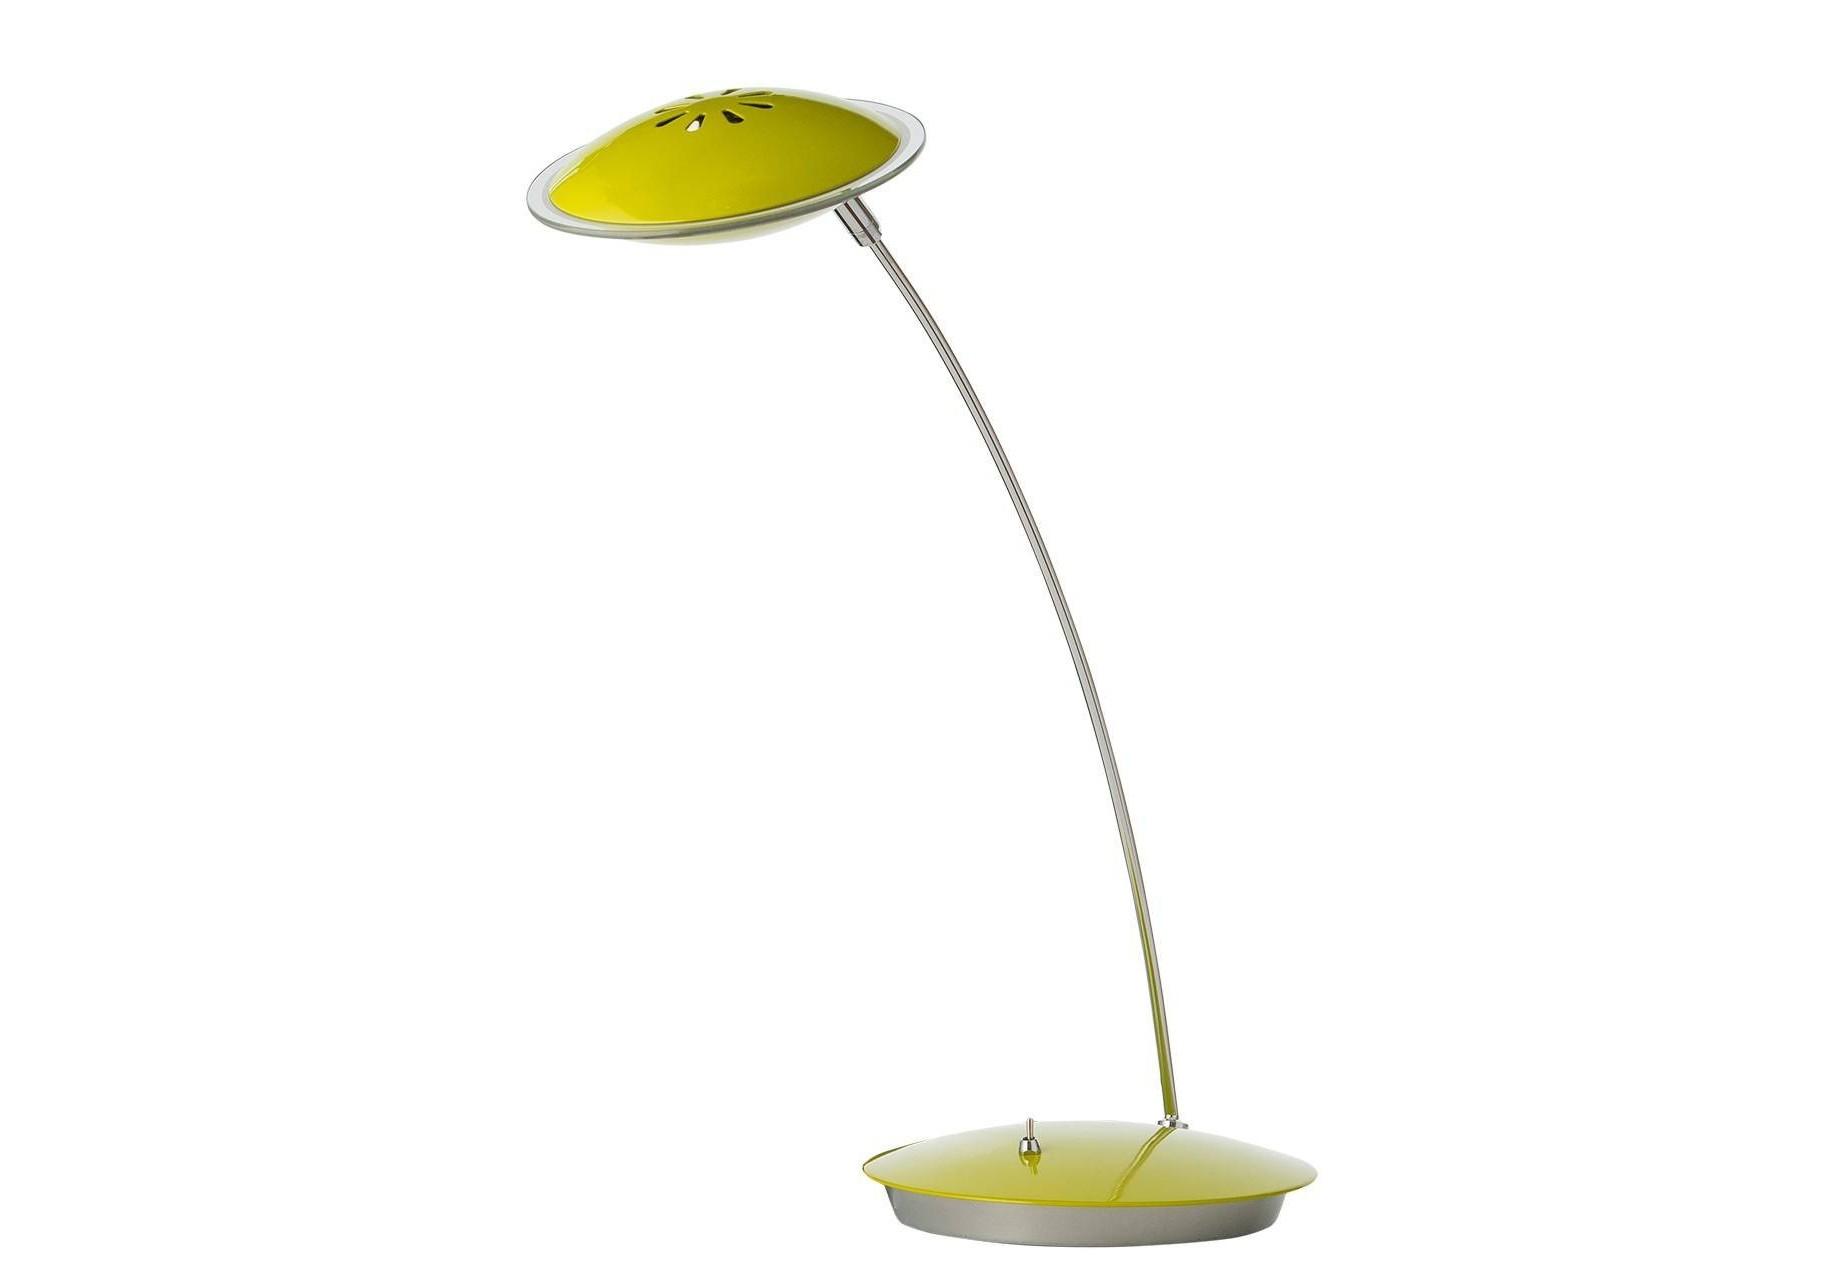 Настольная лампа ГэлэксиНастольные лампы<br>Цоколь: LED,&amp;amp;nbsp;&amp;lt;div&amp;gt;Мощность лампы: 5W,&amp;amp;nbsp;&amp;lt;/div&amp;gt;&amp;lt;div&amp;gt;Количество ламп: 1&amp;lt;/div&amp;gt;&amp;lt;div&amp;gt;Лампочка входит в комплект.&amp;lt;/div&amp;gt;<br><br>Material: Металл<br>Width см: 38<br>Depth см: 16<br>Height см: 38